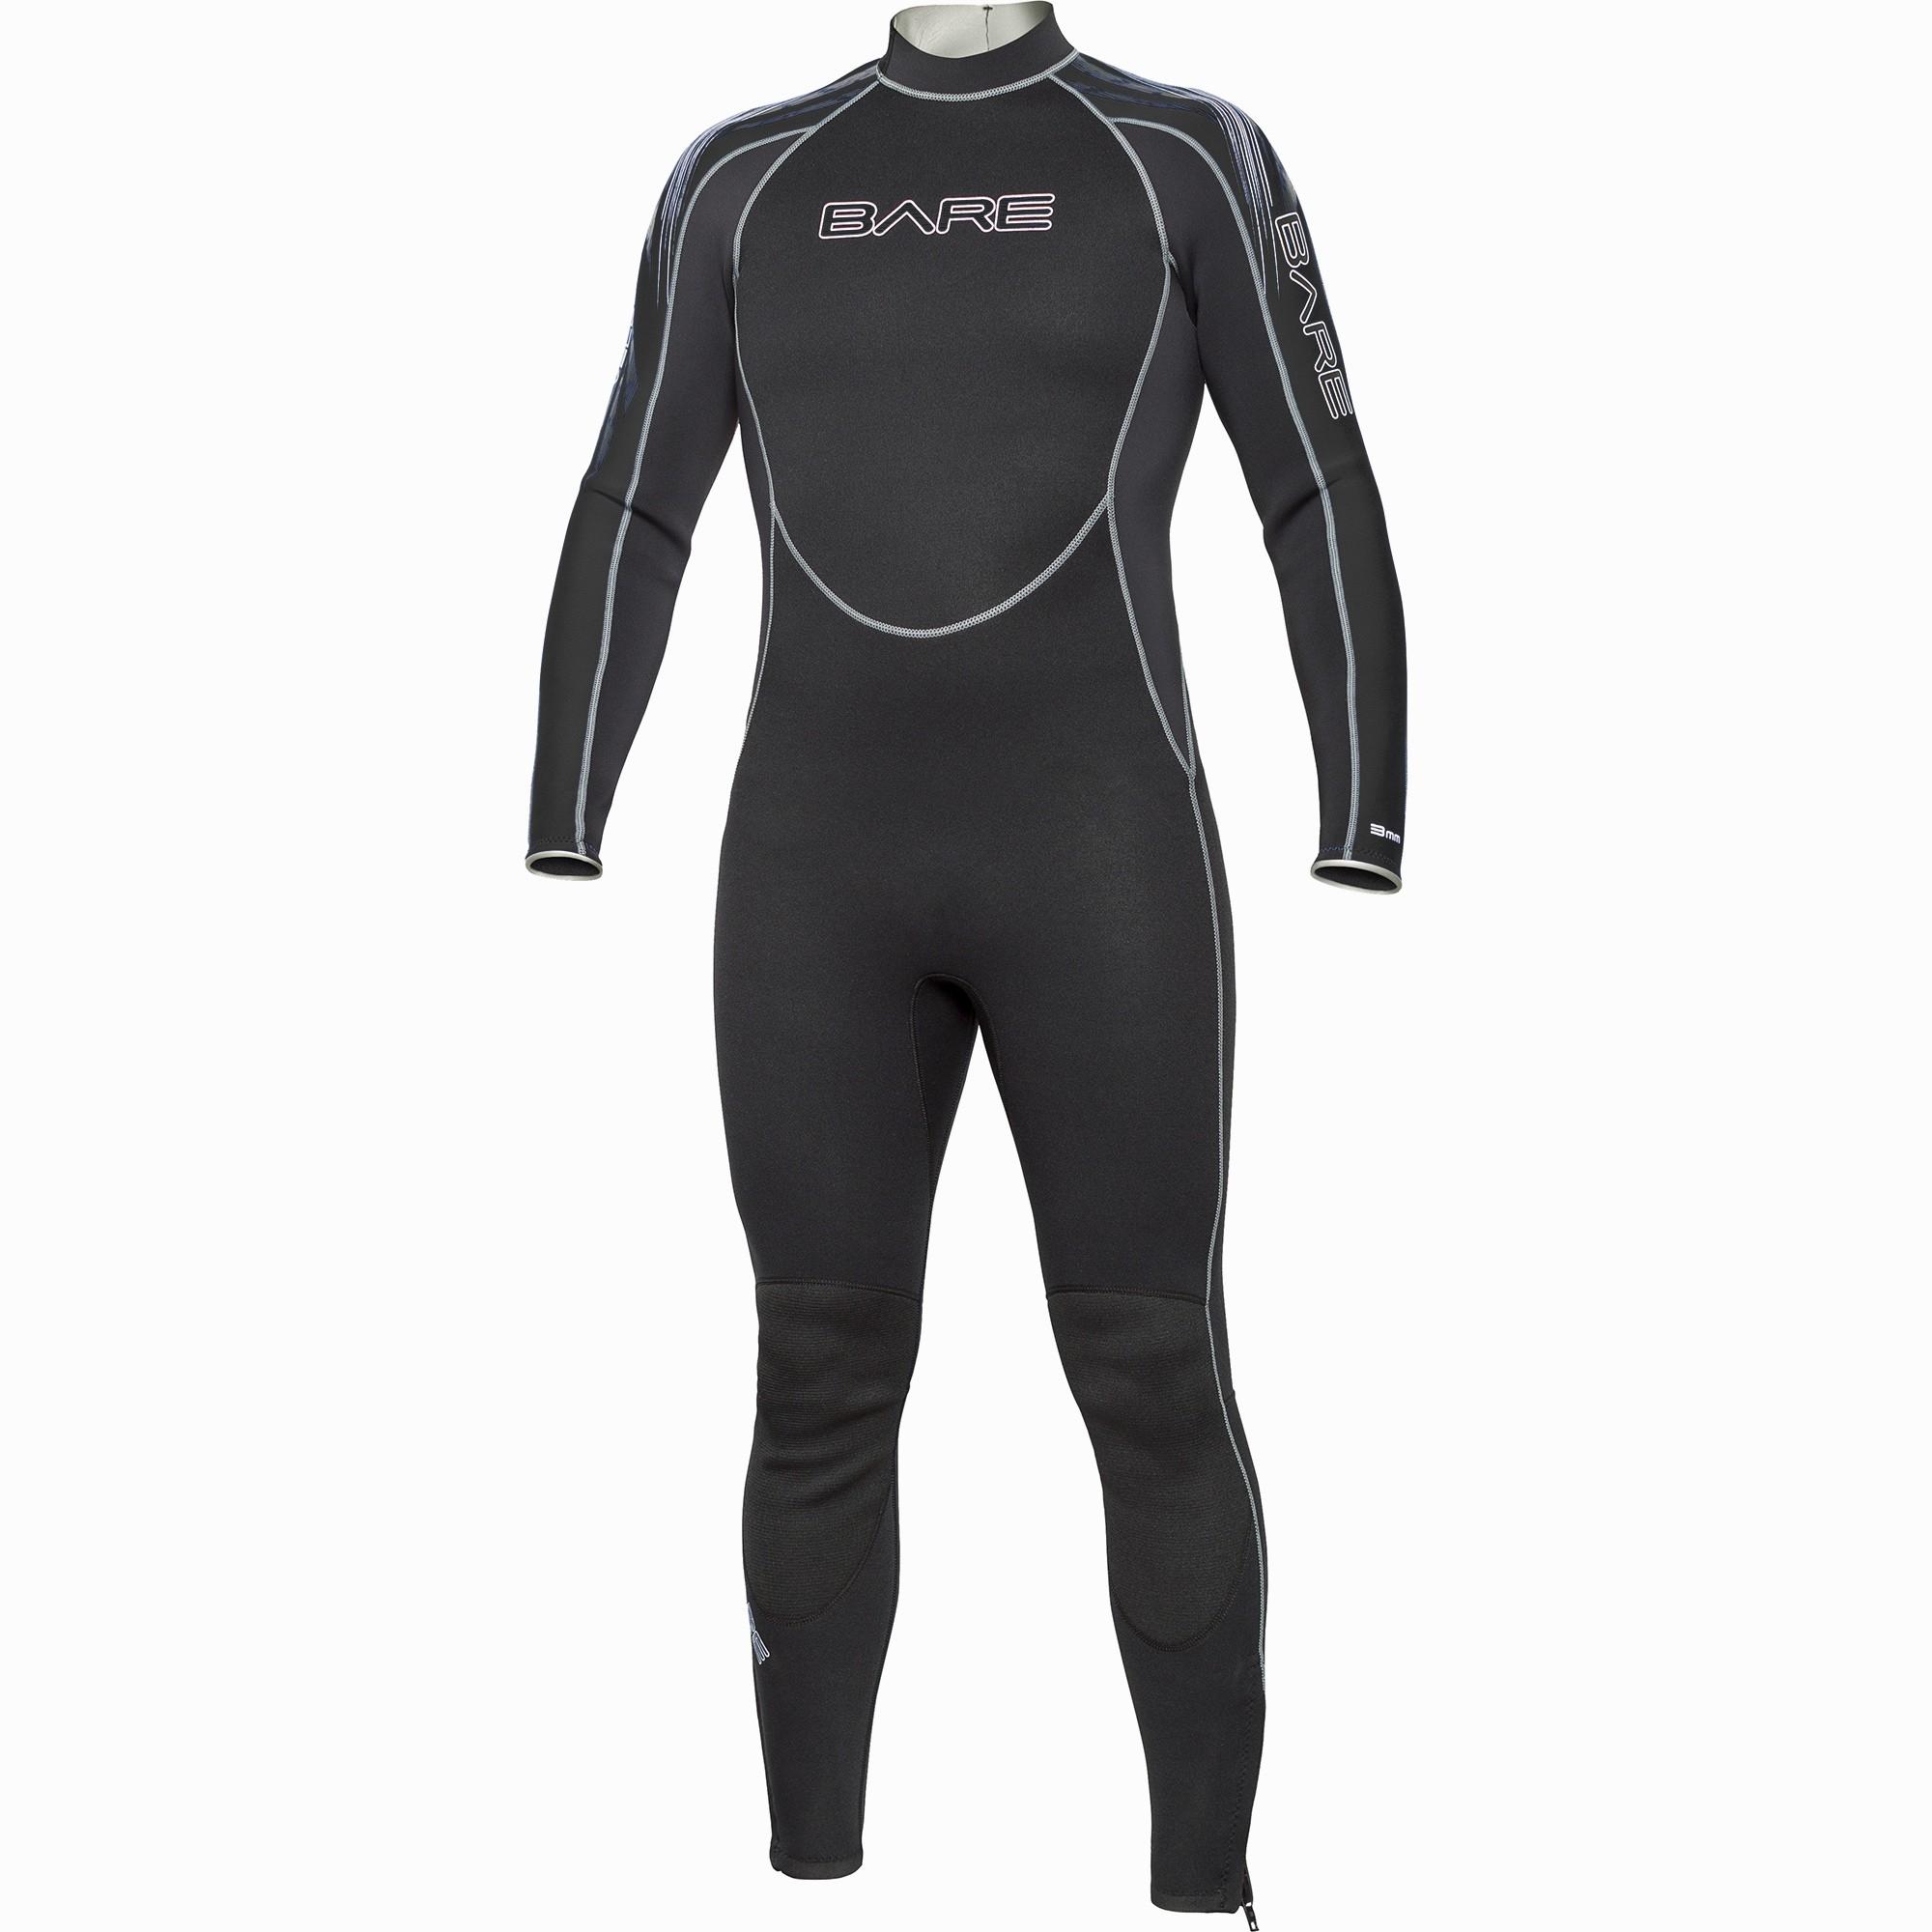 BARE 3mm Velocity Full Mens Wetsuit Black